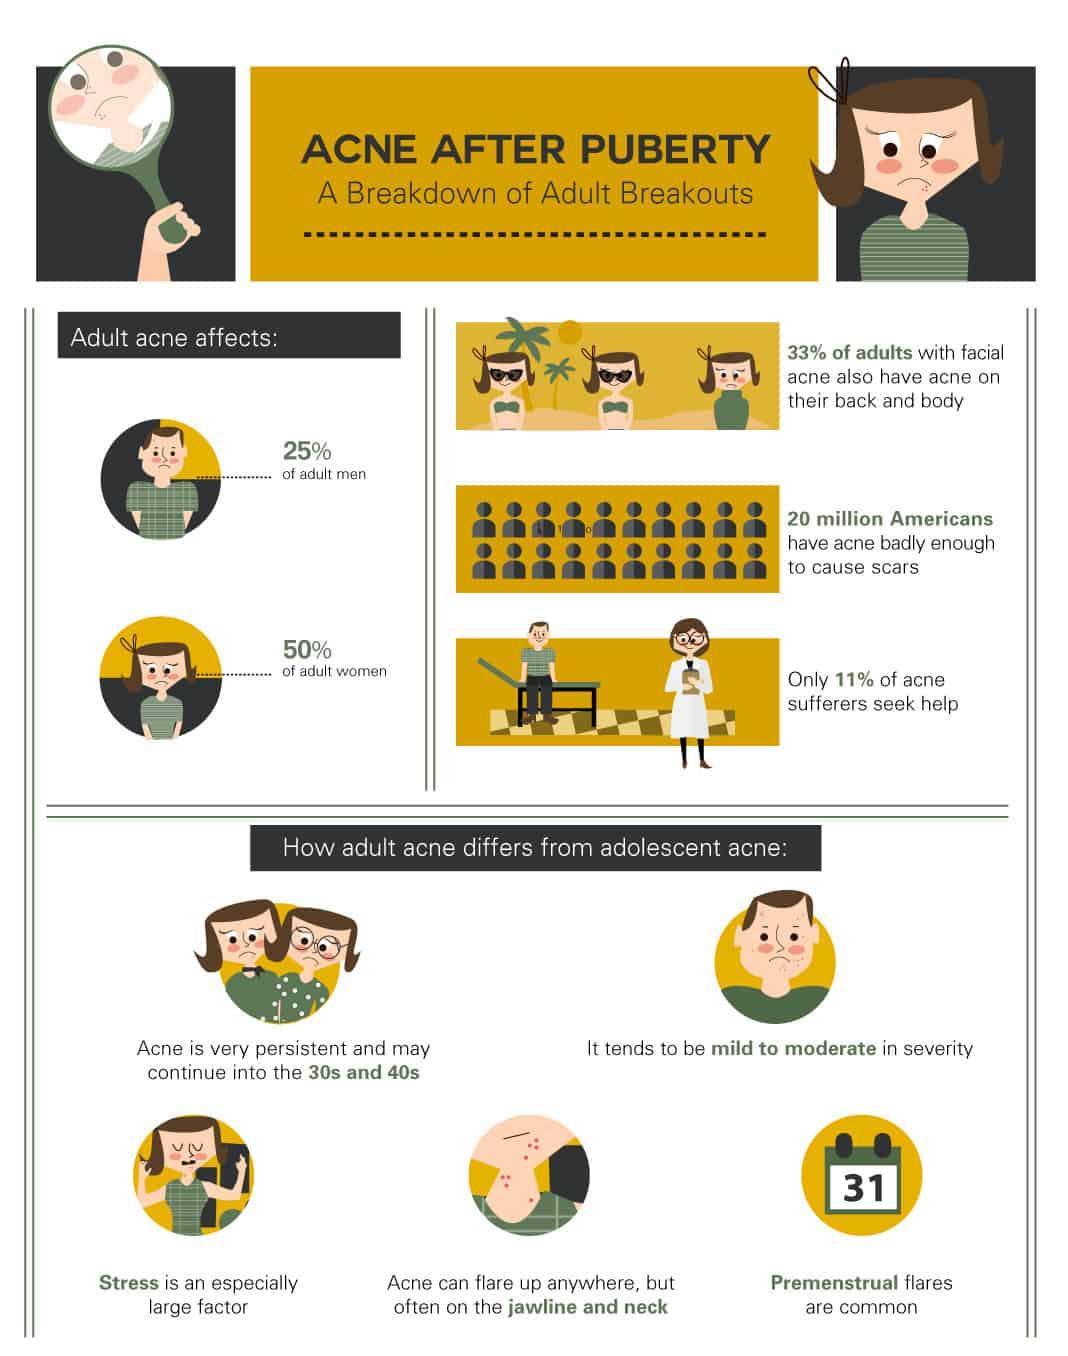 A Breakdown of Adult Breakouts